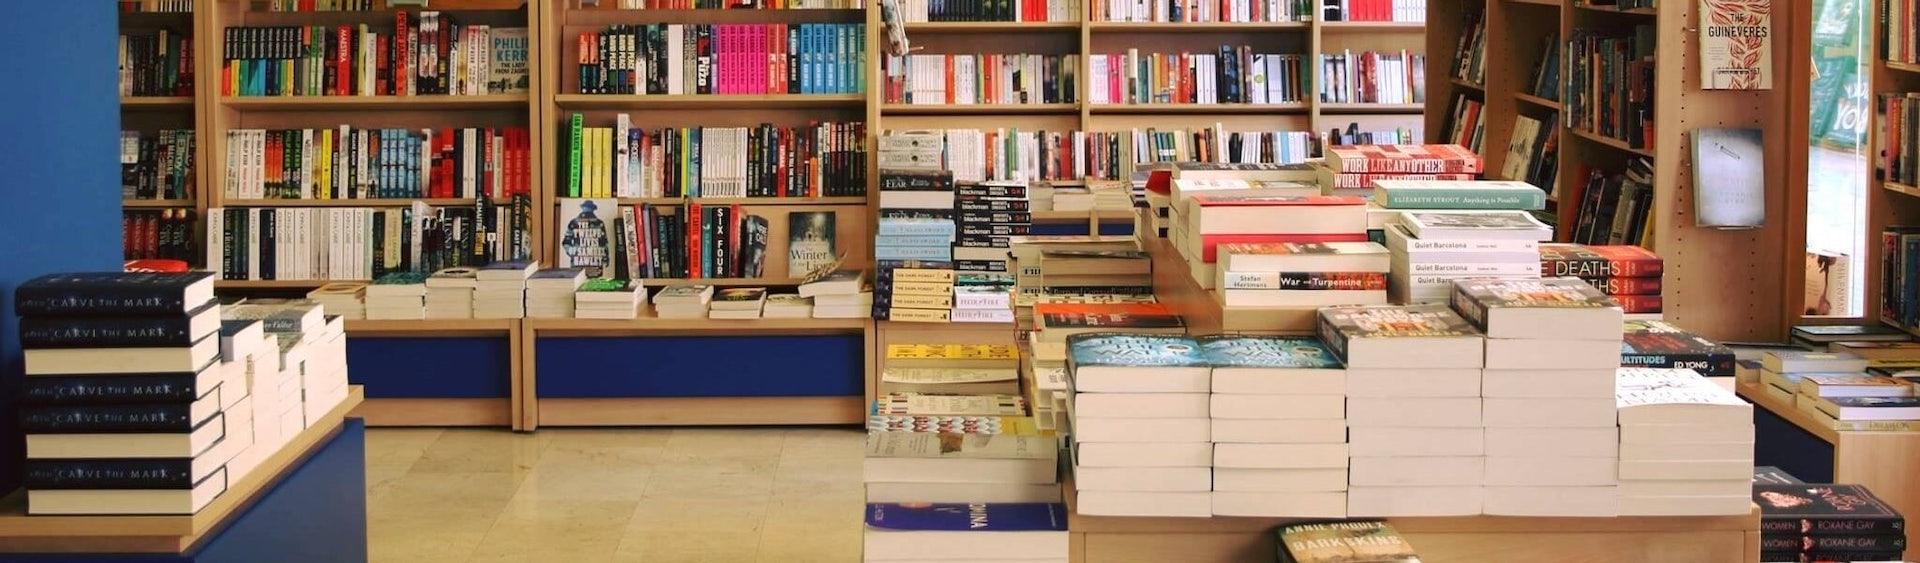 Libreria Inglesa bookstore